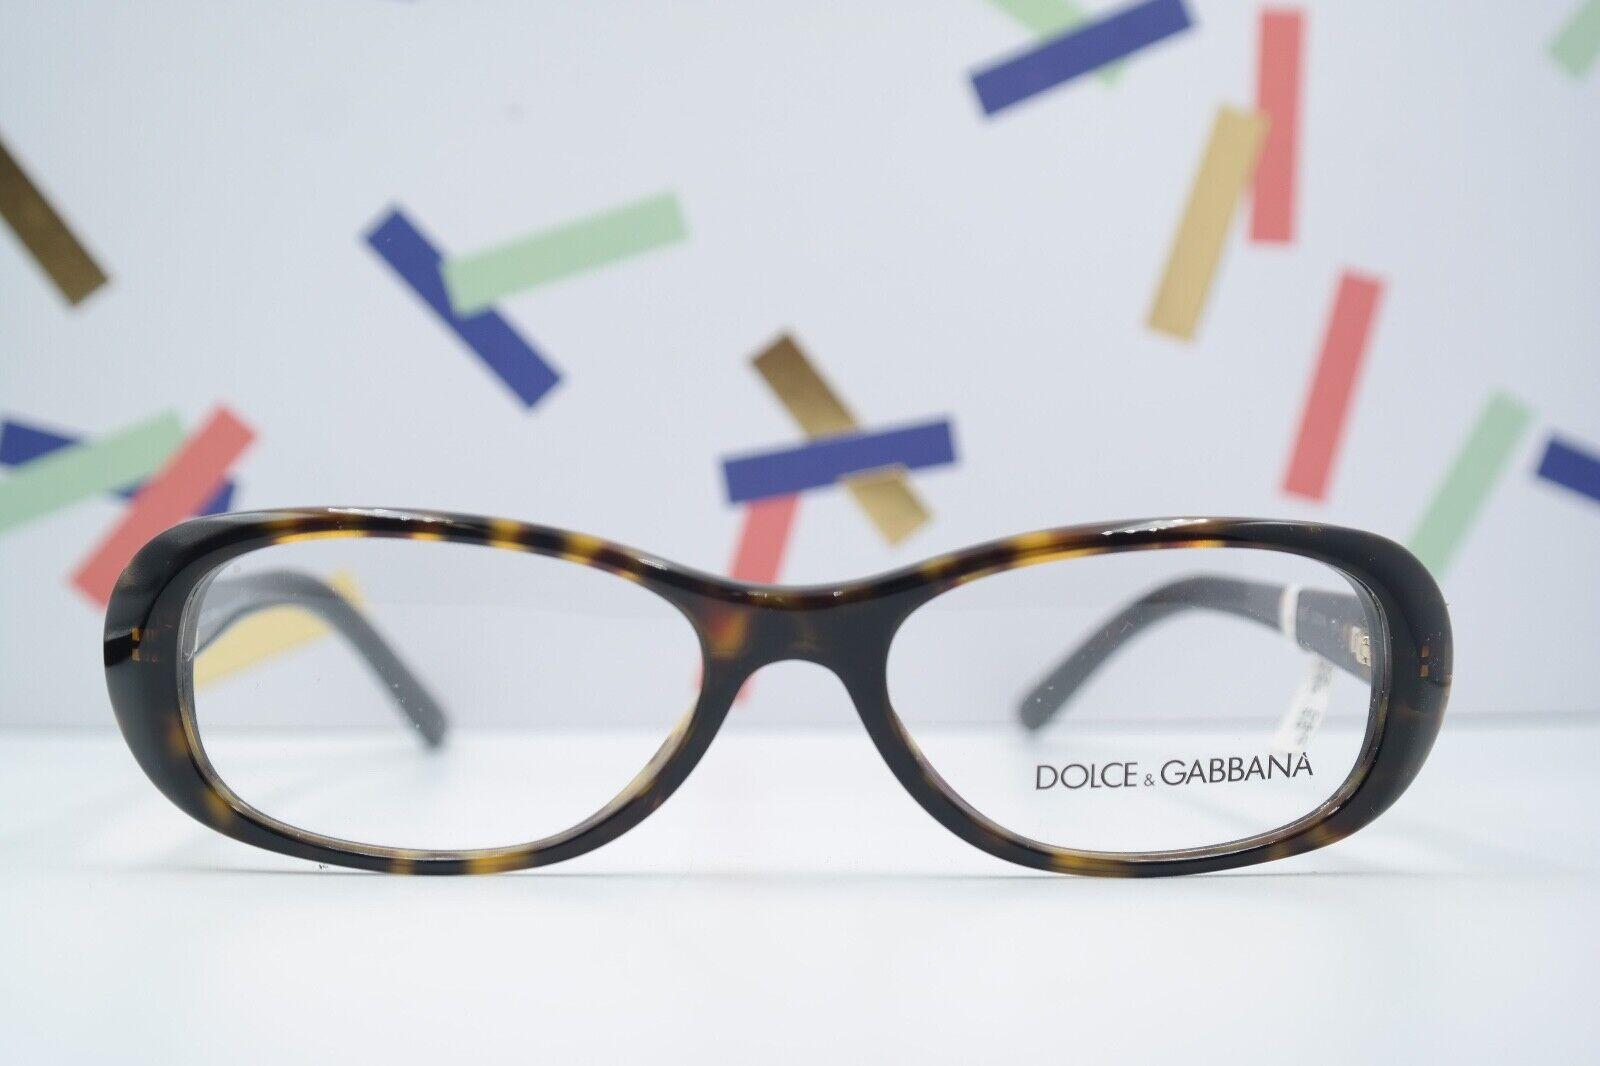 Brille Brillengestell Dolce Gabbana DG 3122 501 braun Sterne Logo 52/16 135 NEU